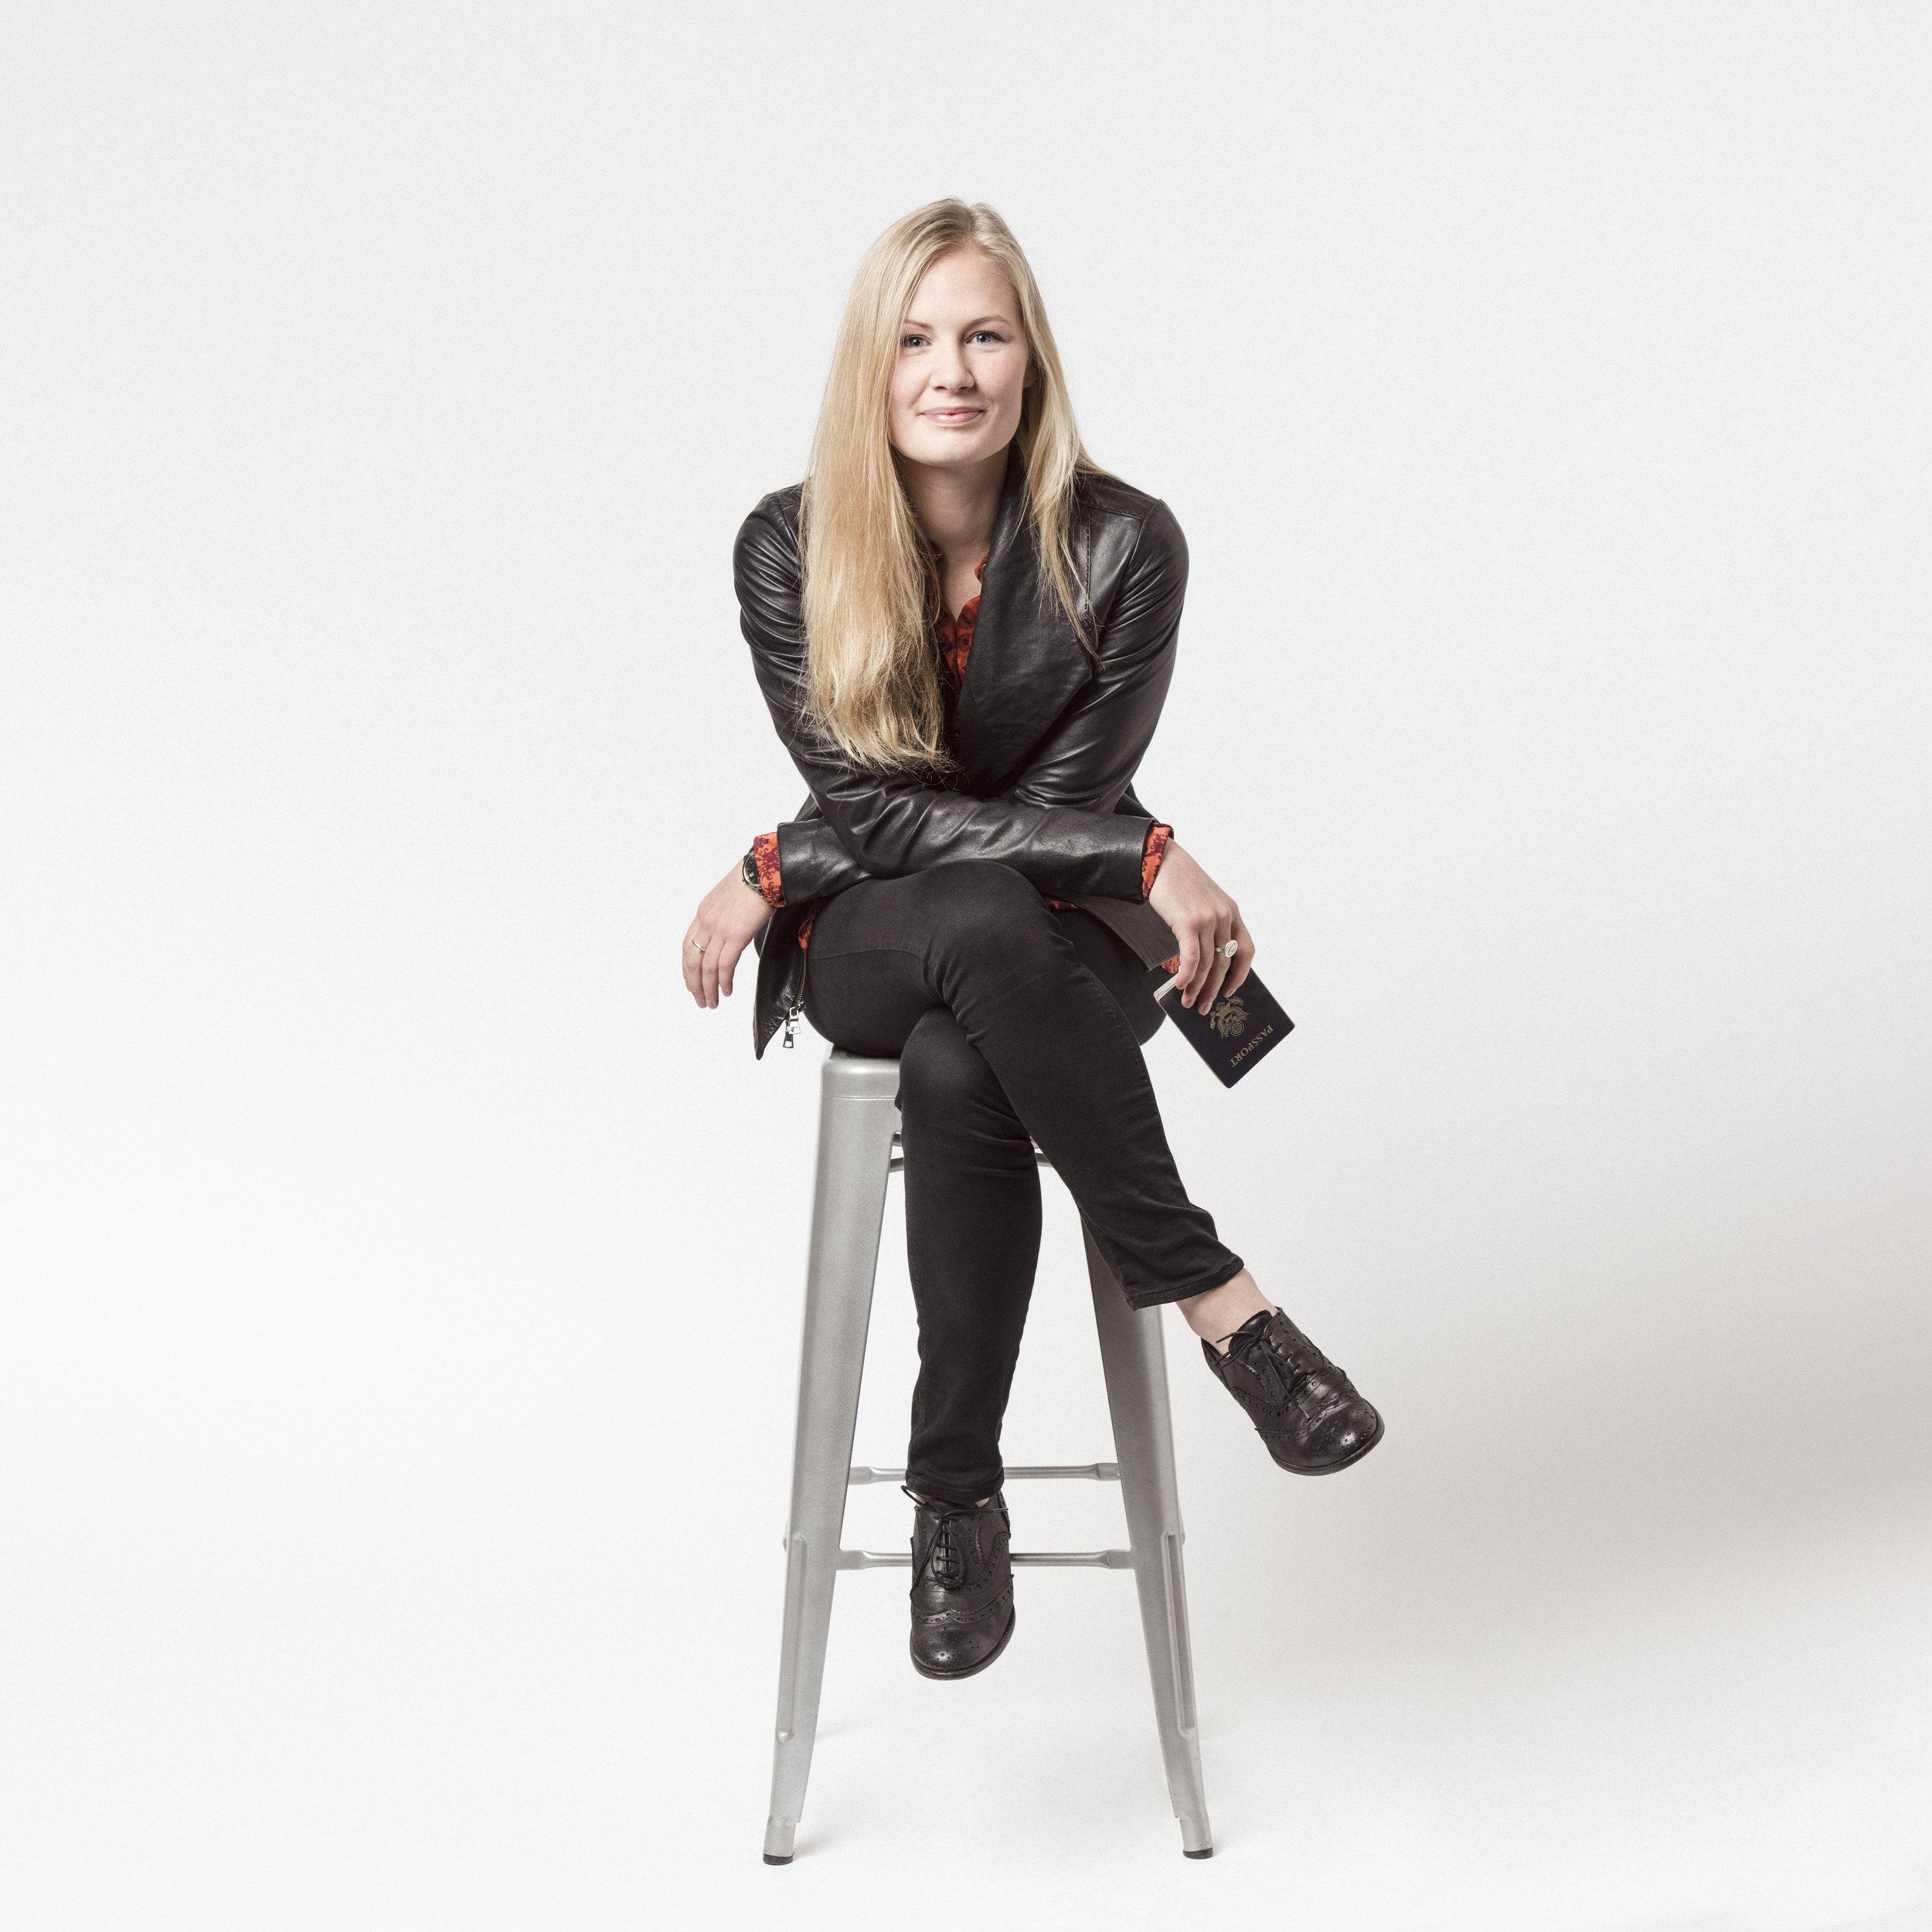 Tara Cappel - L.A. Lady Interview